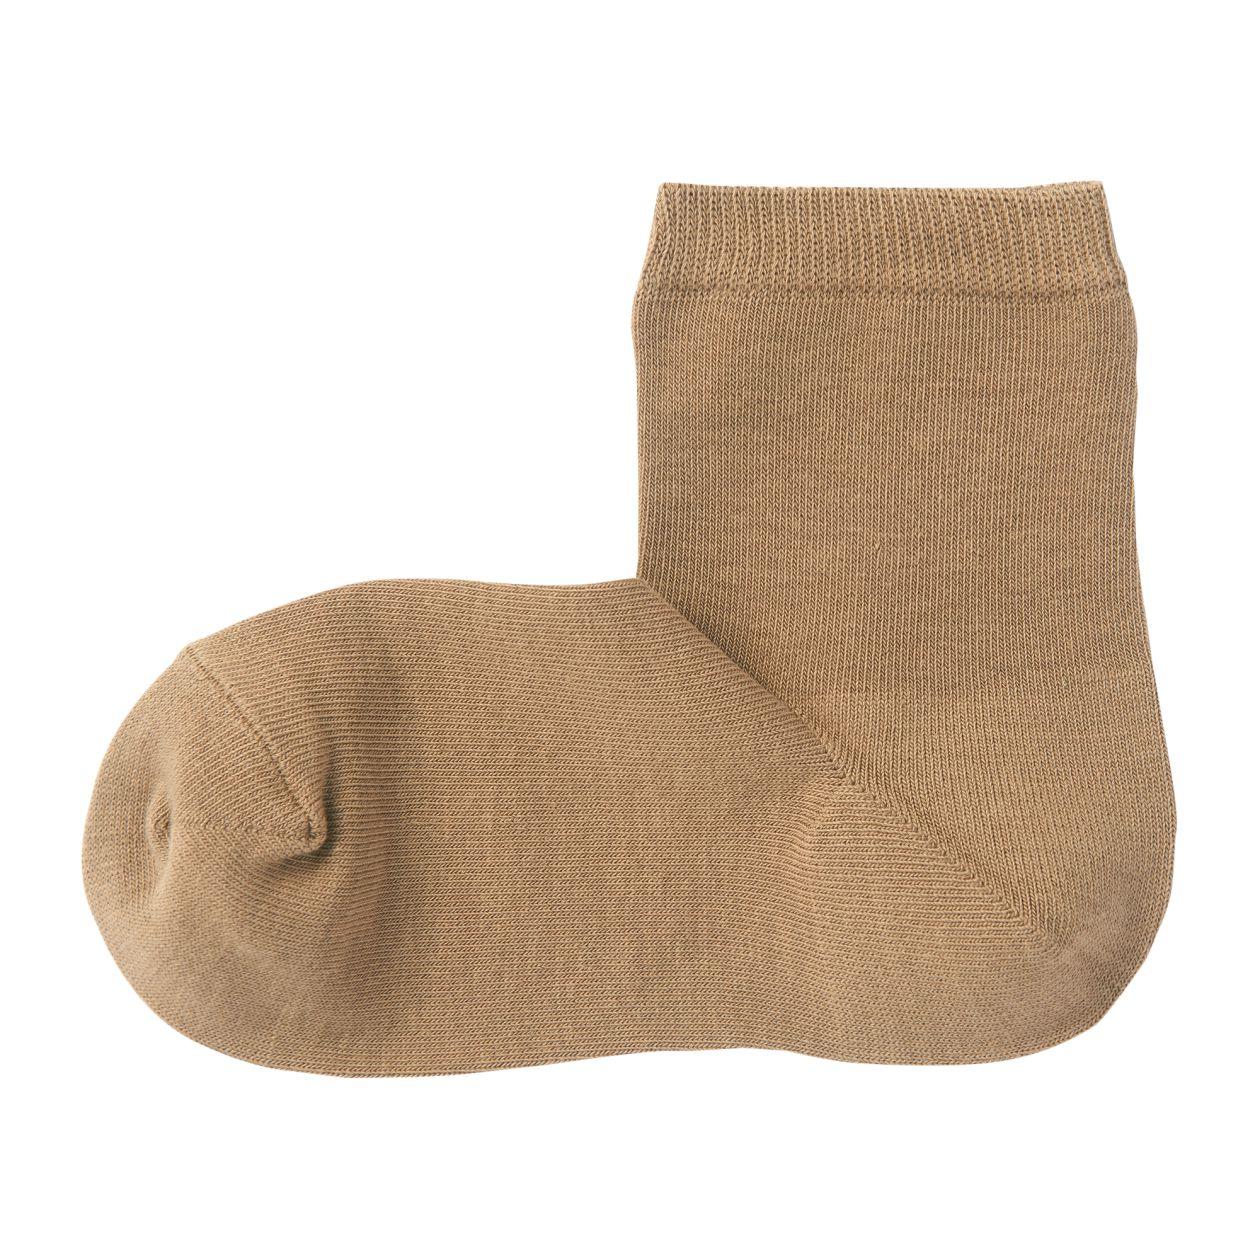 足なり直角 口ゴムなし三層 ショート丈靴下(婦人・えらべる)